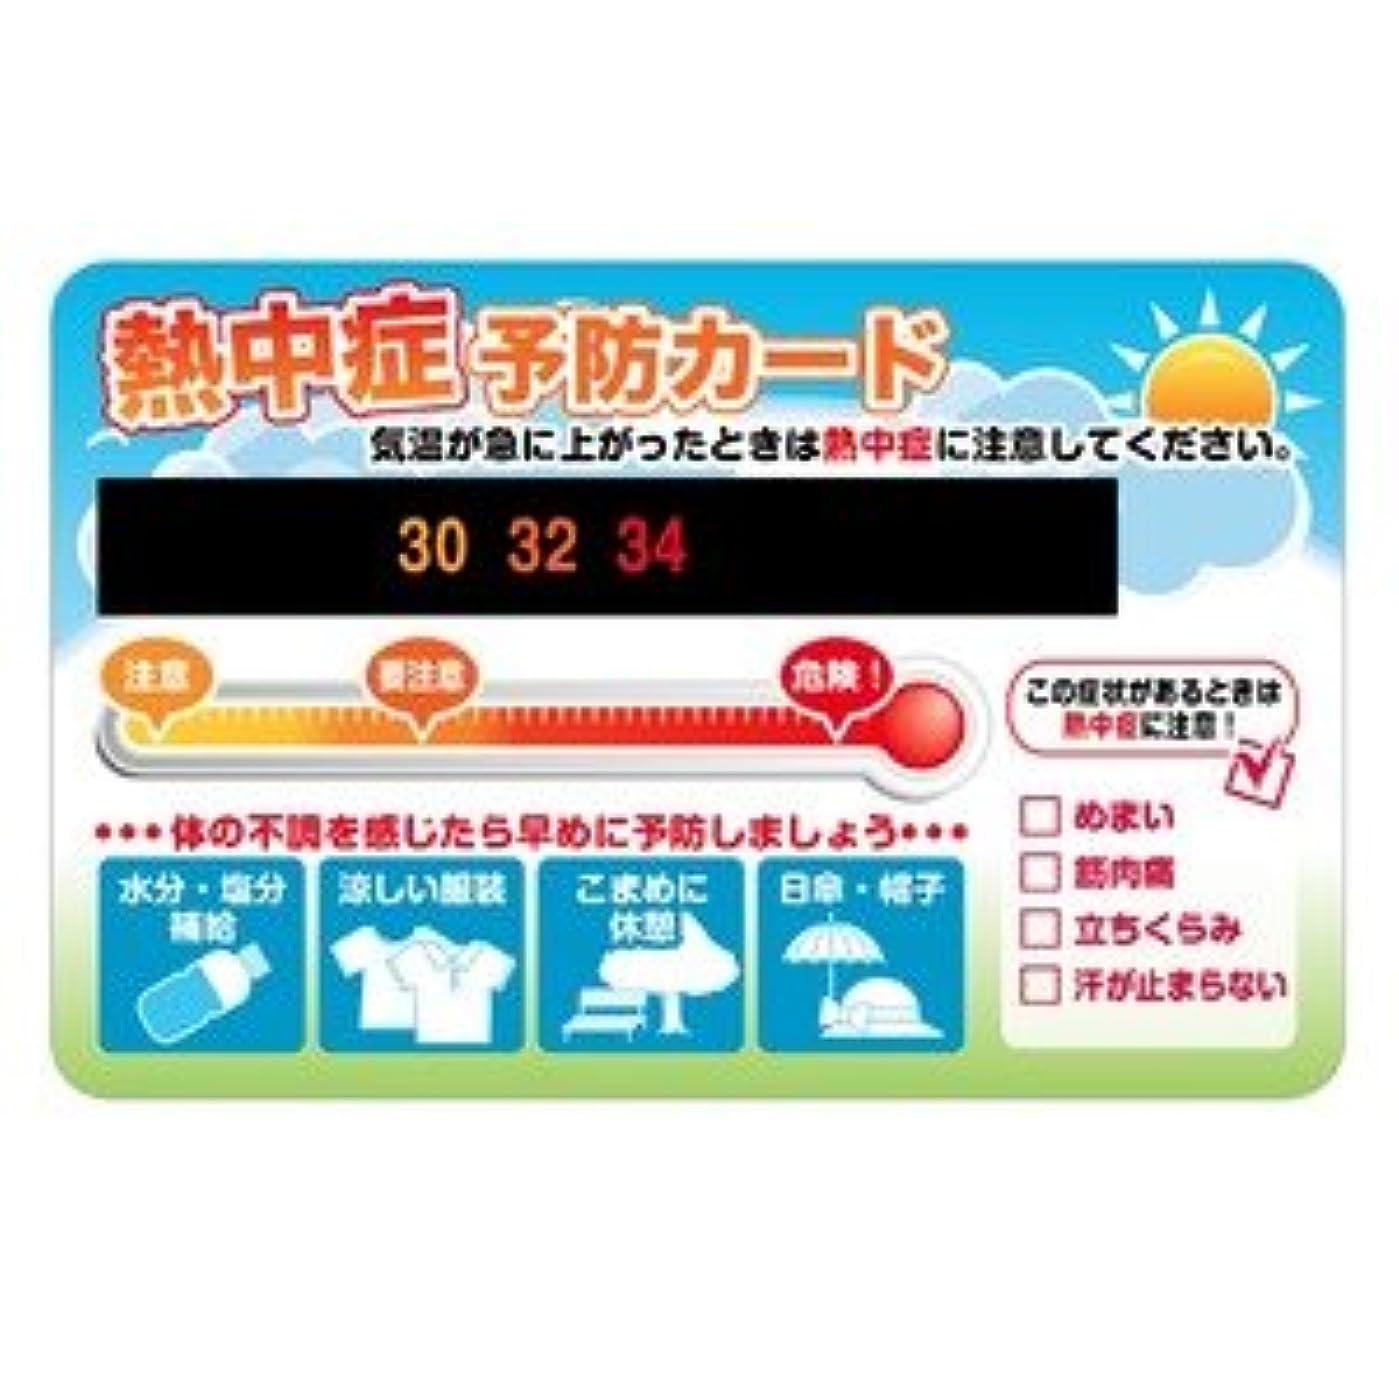 広告主ポーク信者熱中症予防カード?NE2 【100枚セット】 熱中症対策